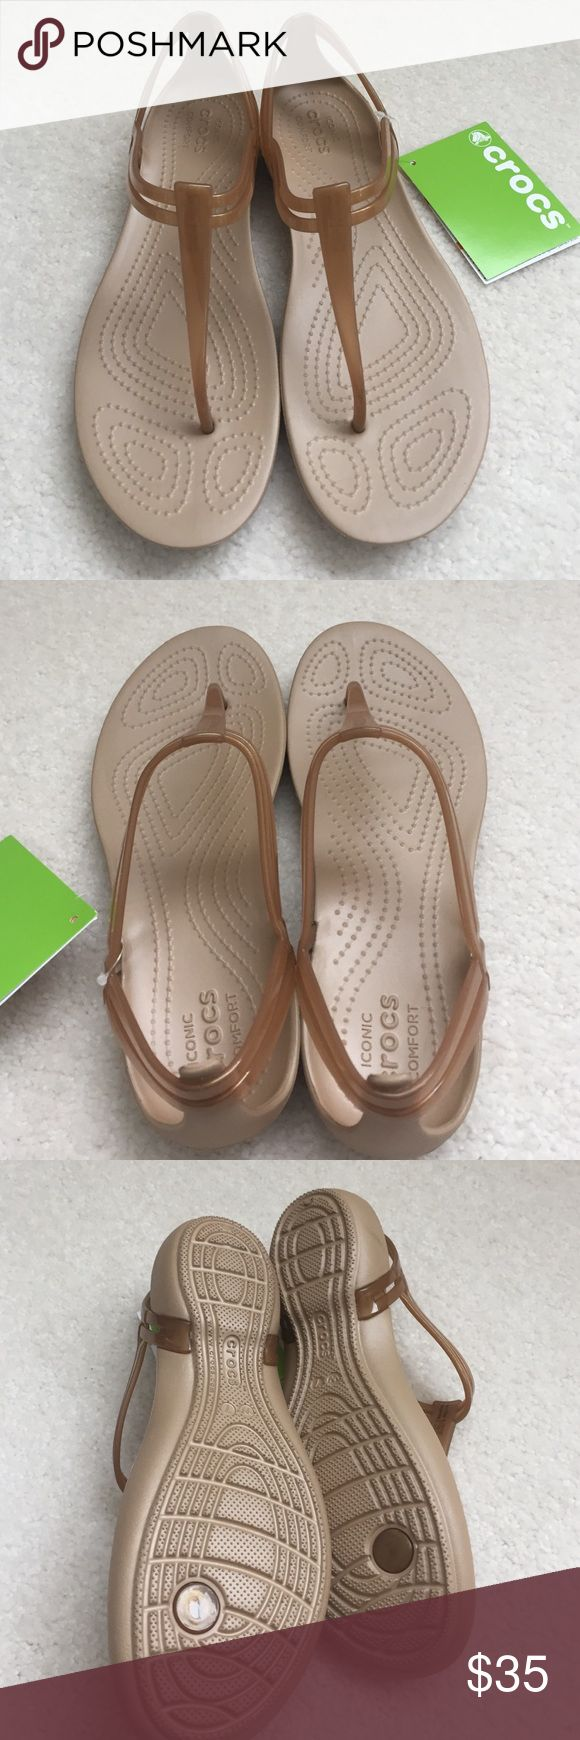 NWT Crocs T-Strap Bronze Comfy Sandals NWT T-Strap Bronze relaxed fit Crocs Sandals. Size: Woman 7. crocs Shoes Sandals